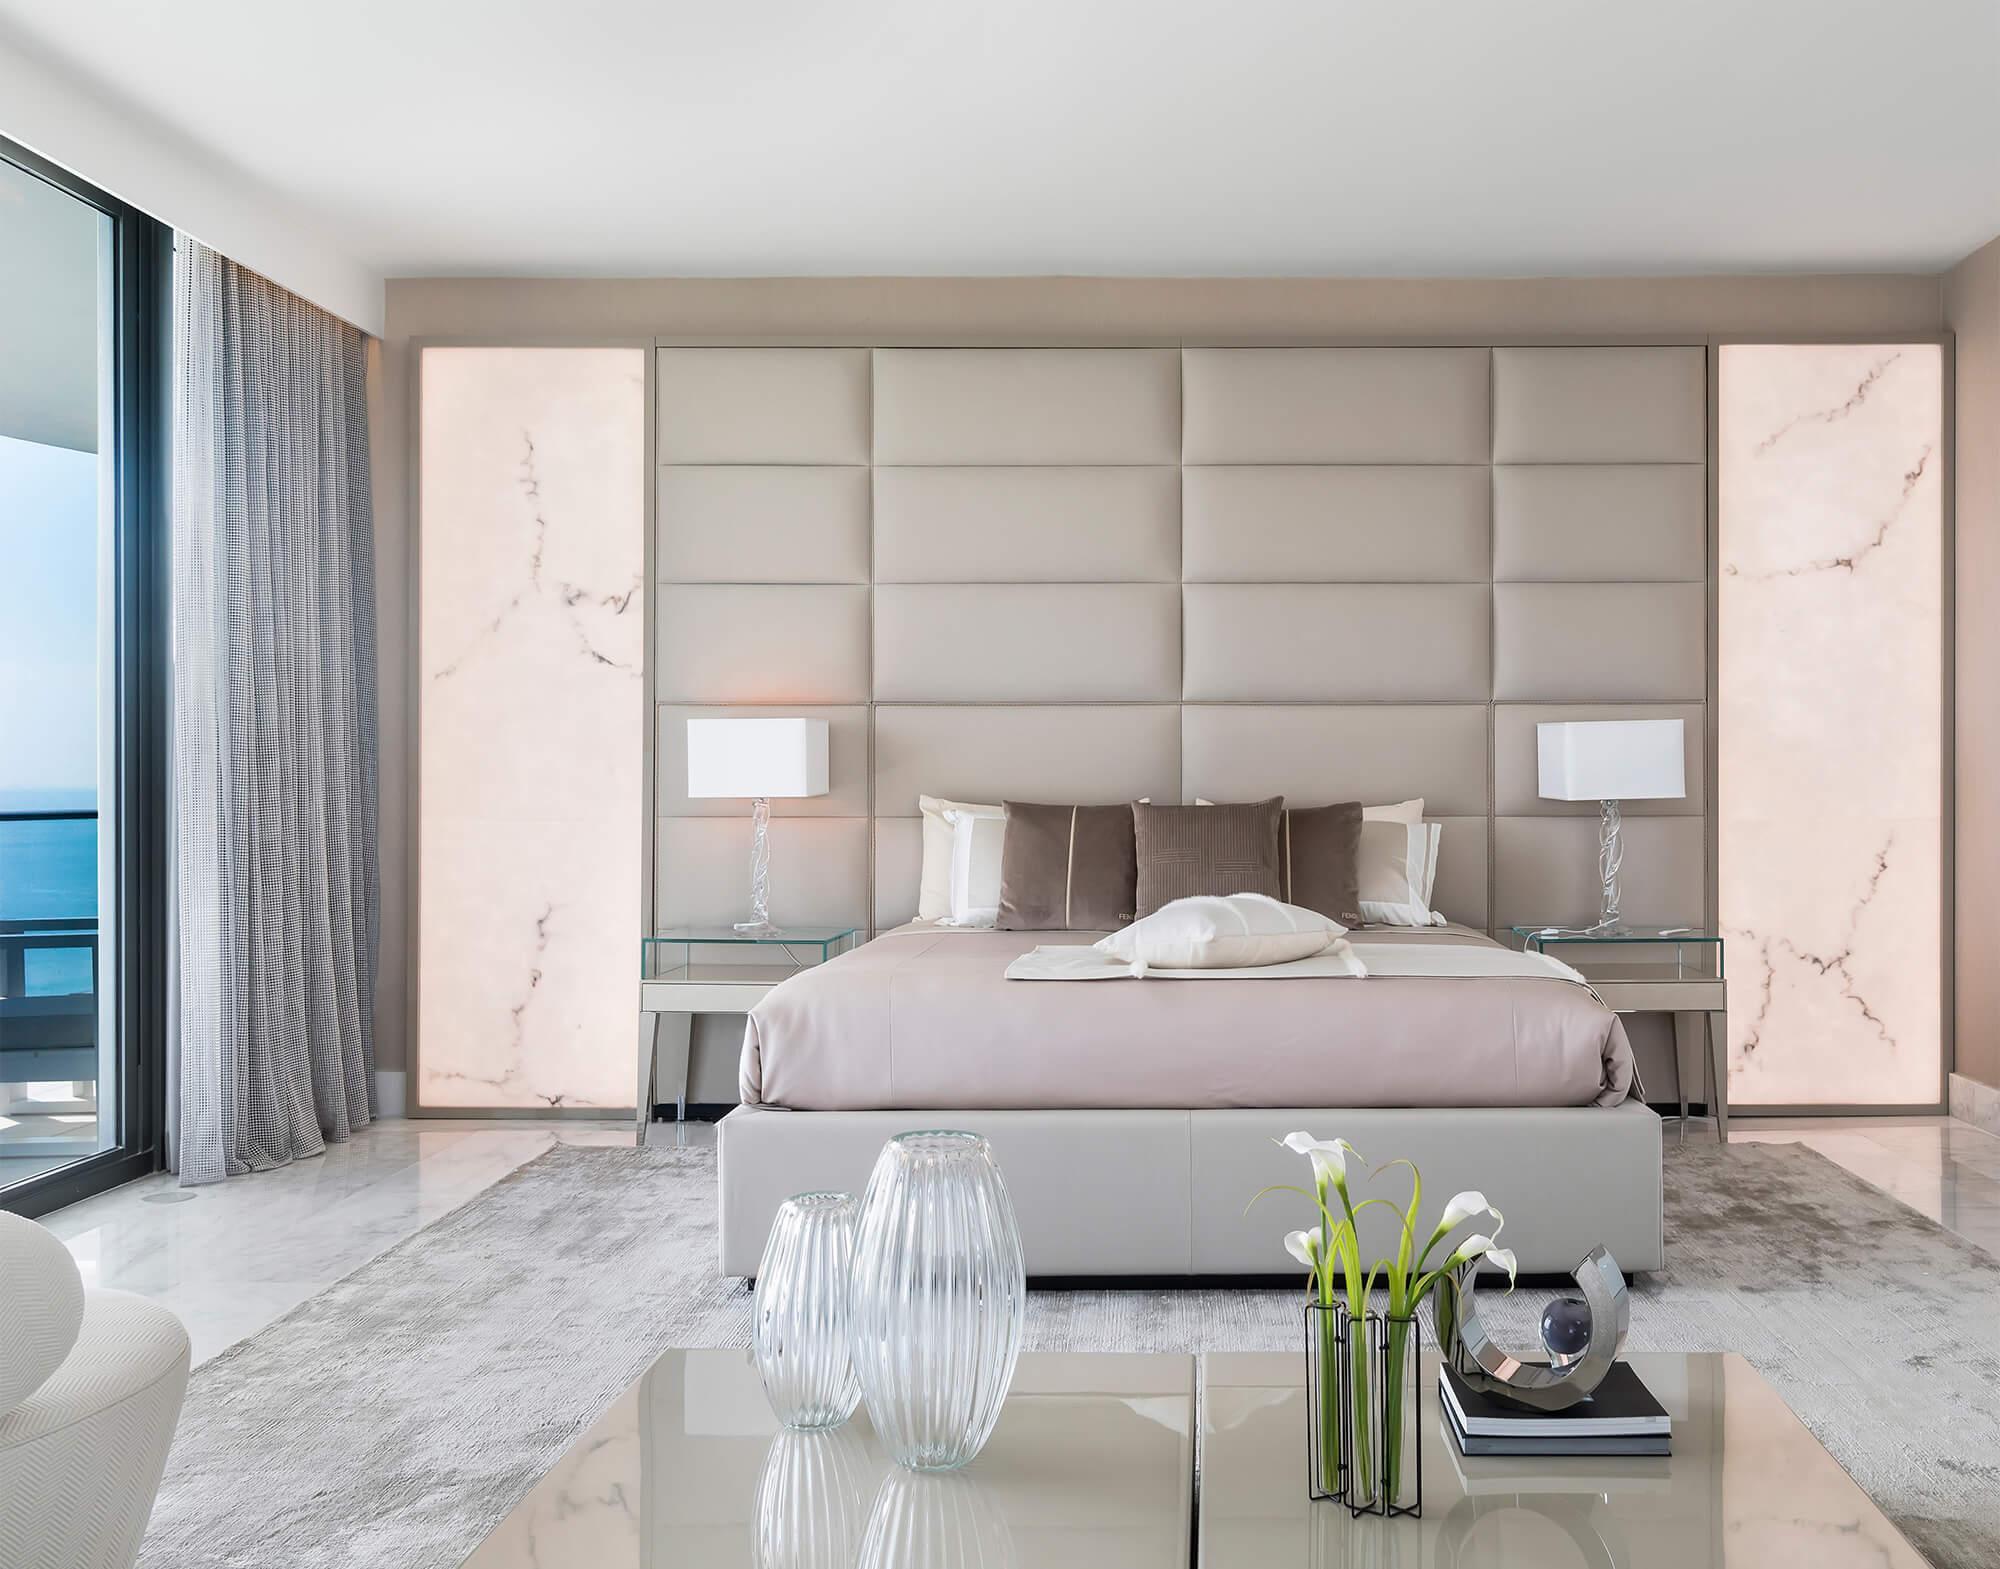 REGALIA III by Britto Charette Interior Design